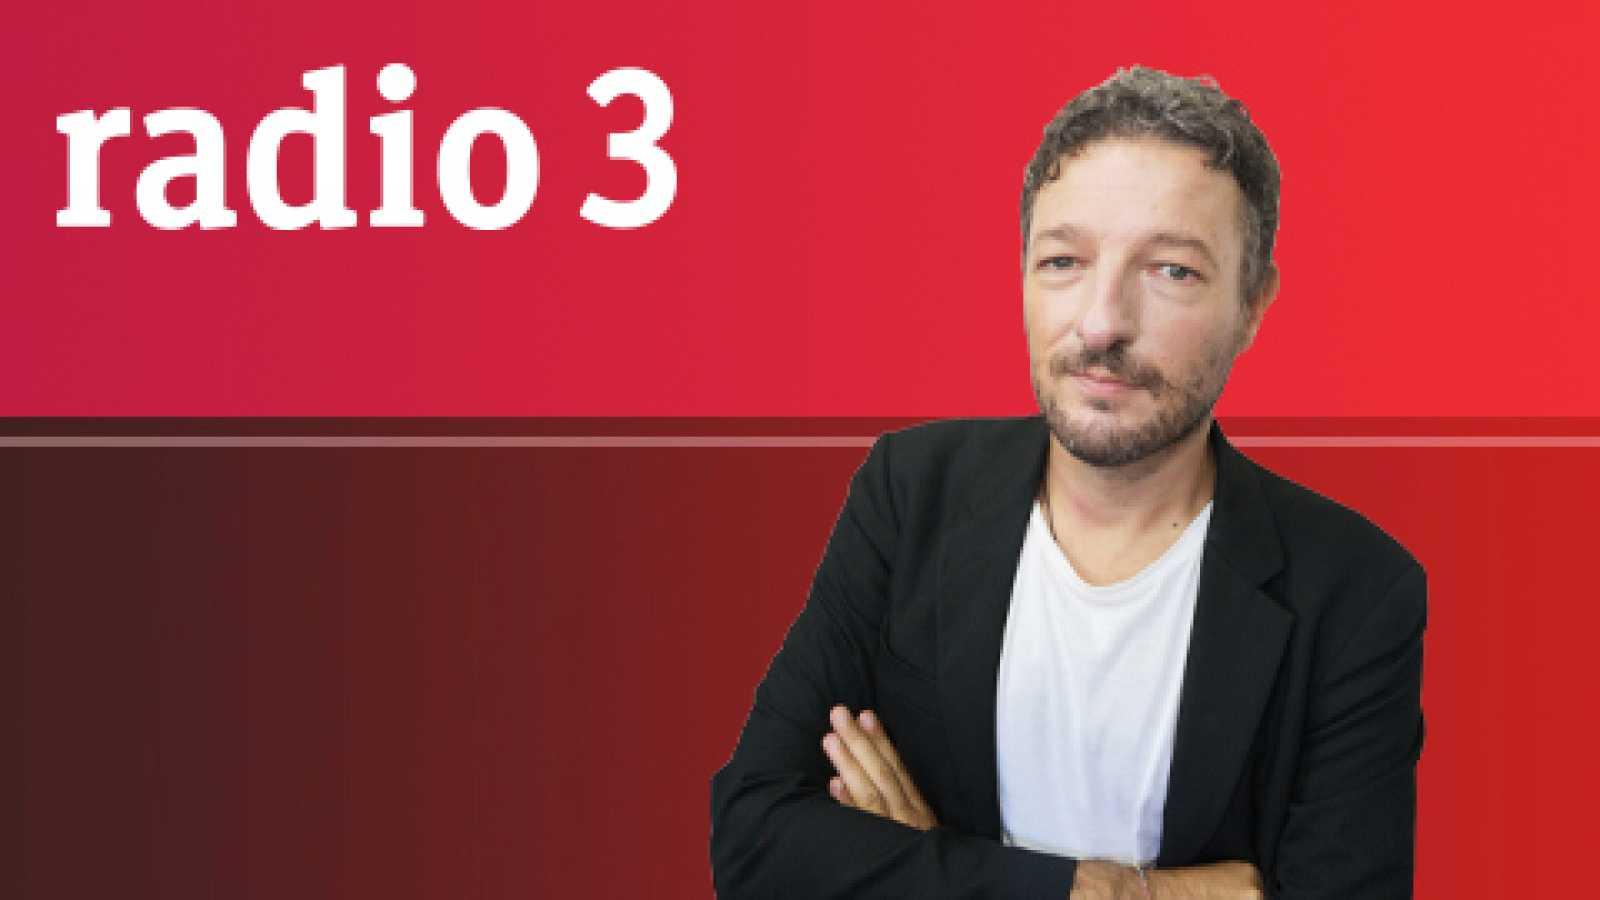 Café del sur - La 'Nueva canción' italiana y latinoamericana - 26/05/13 - escuchar ahora